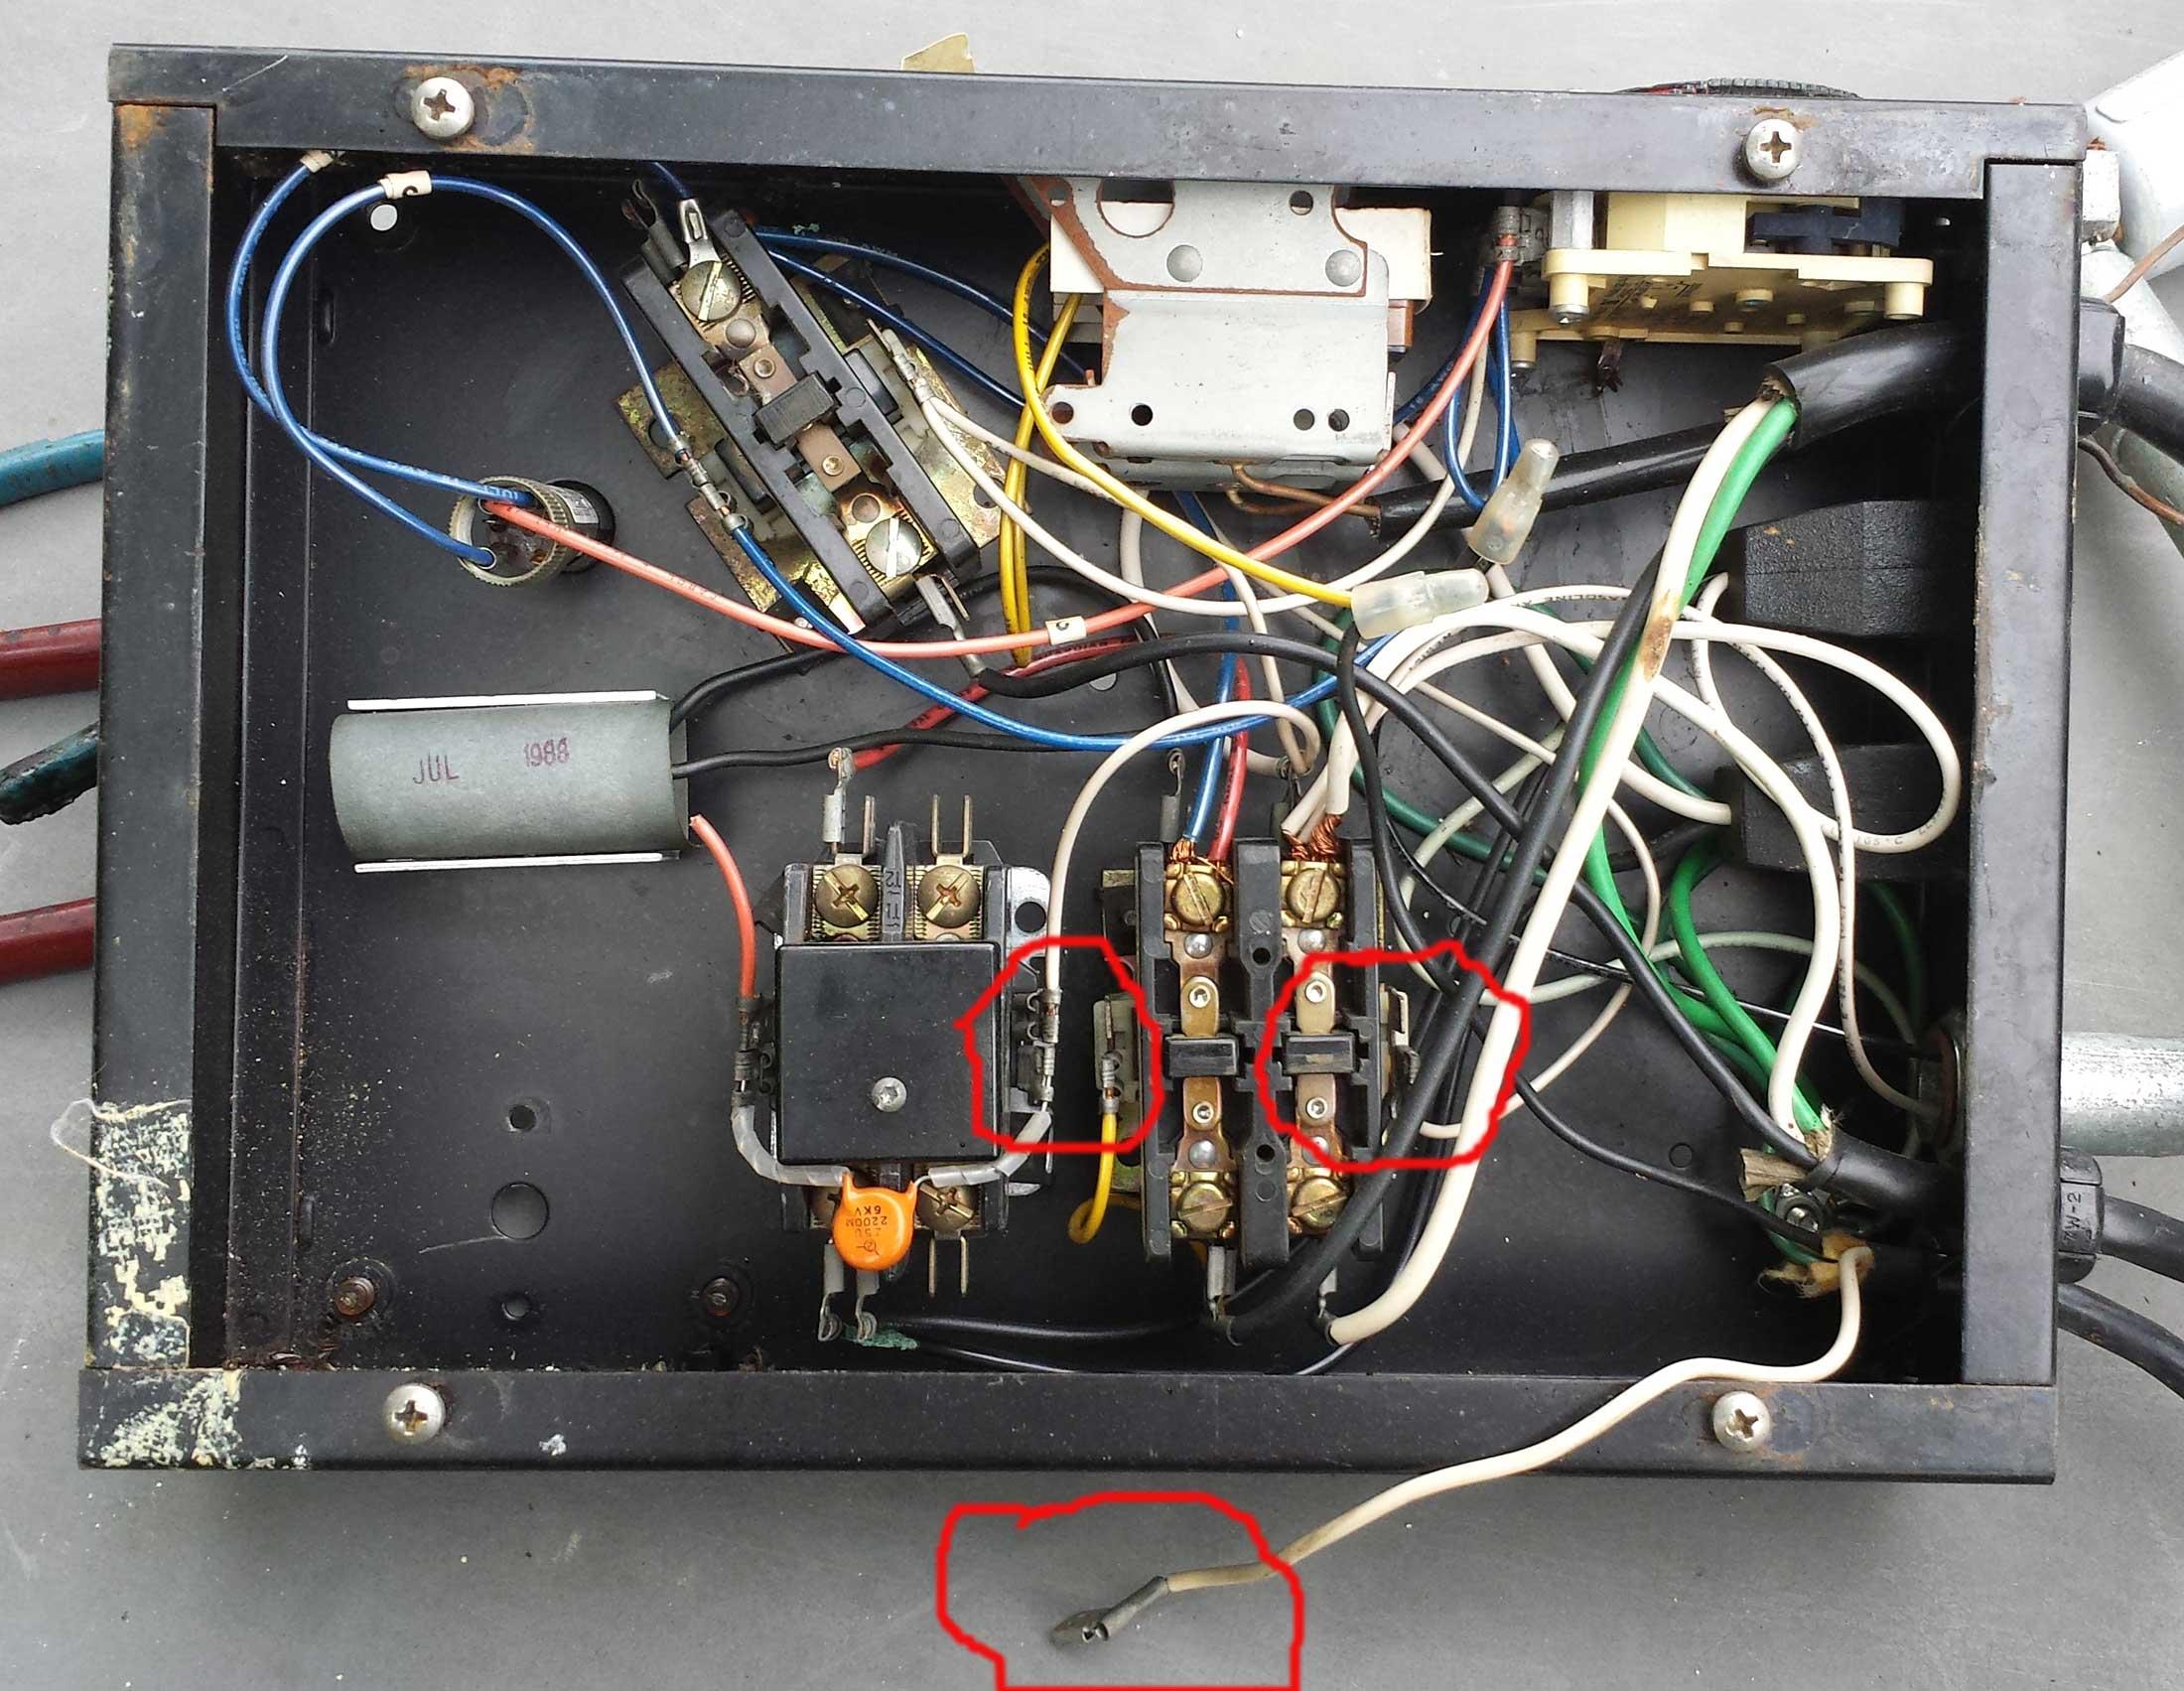 Older Cal Spas Wiring Schematics on